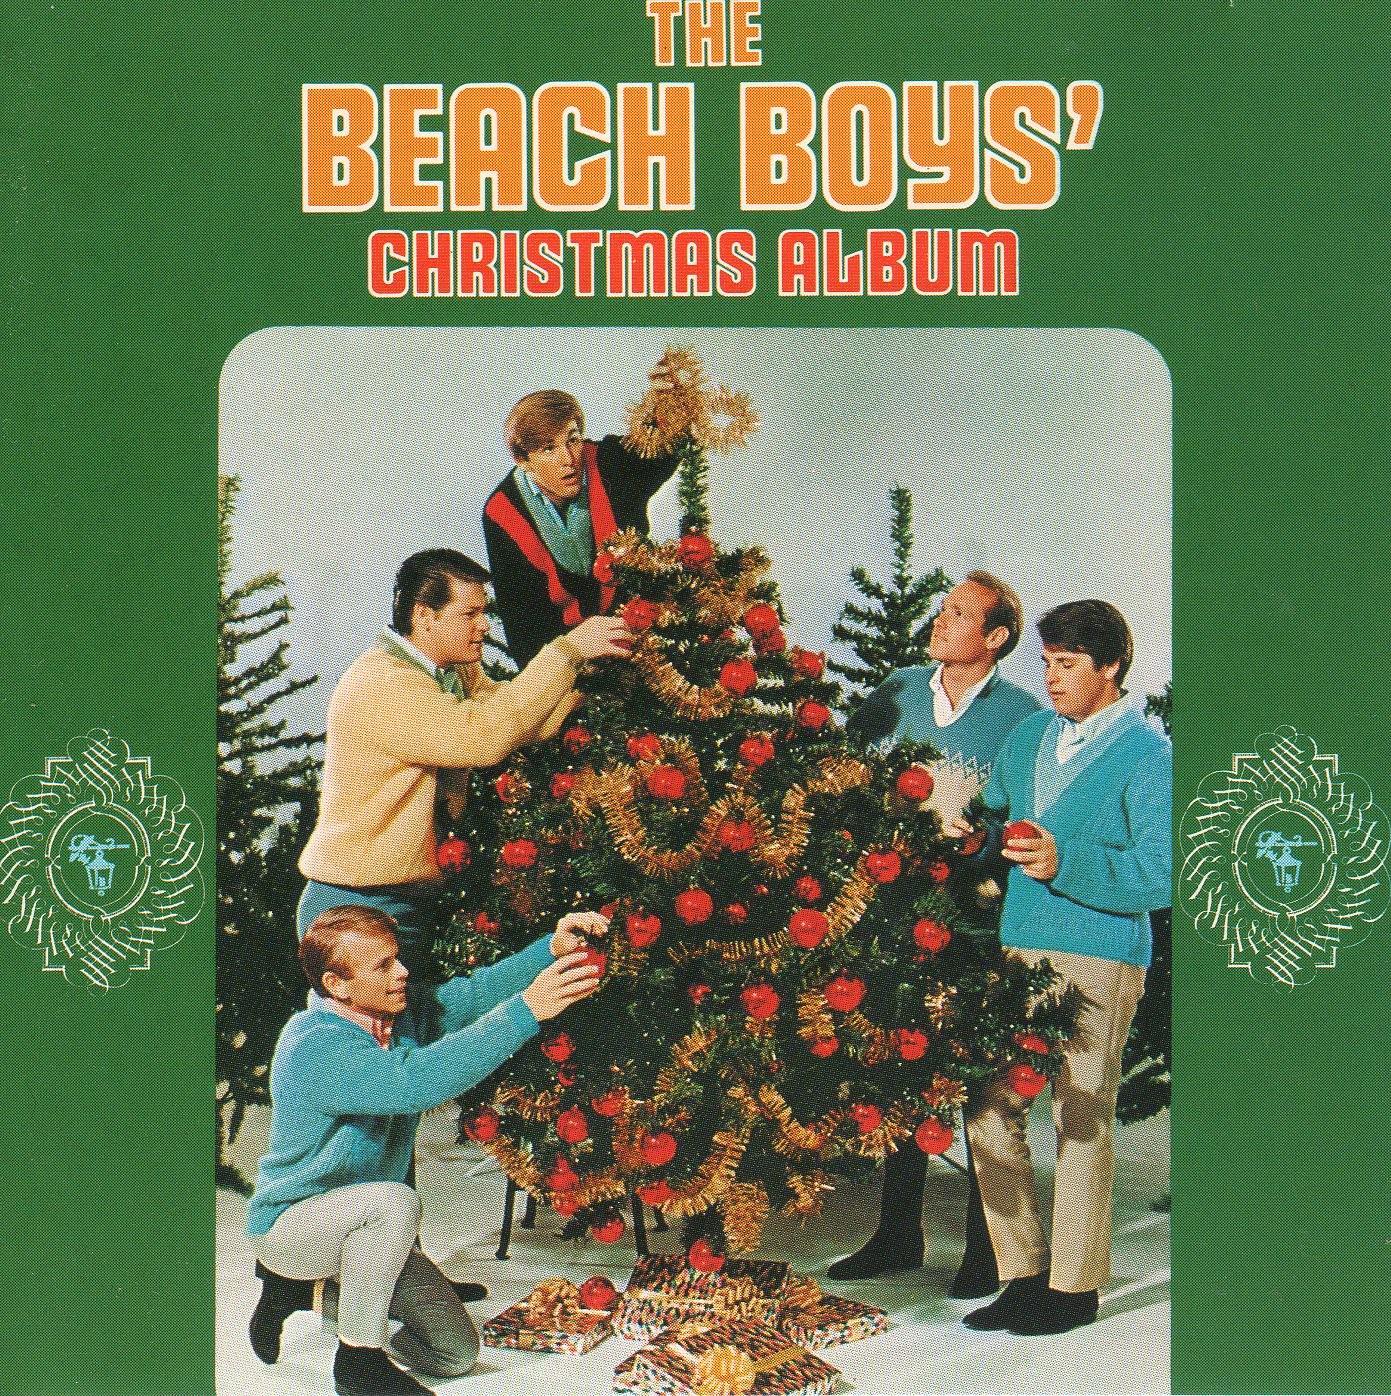 The Beach Boys' Christmas Album cover